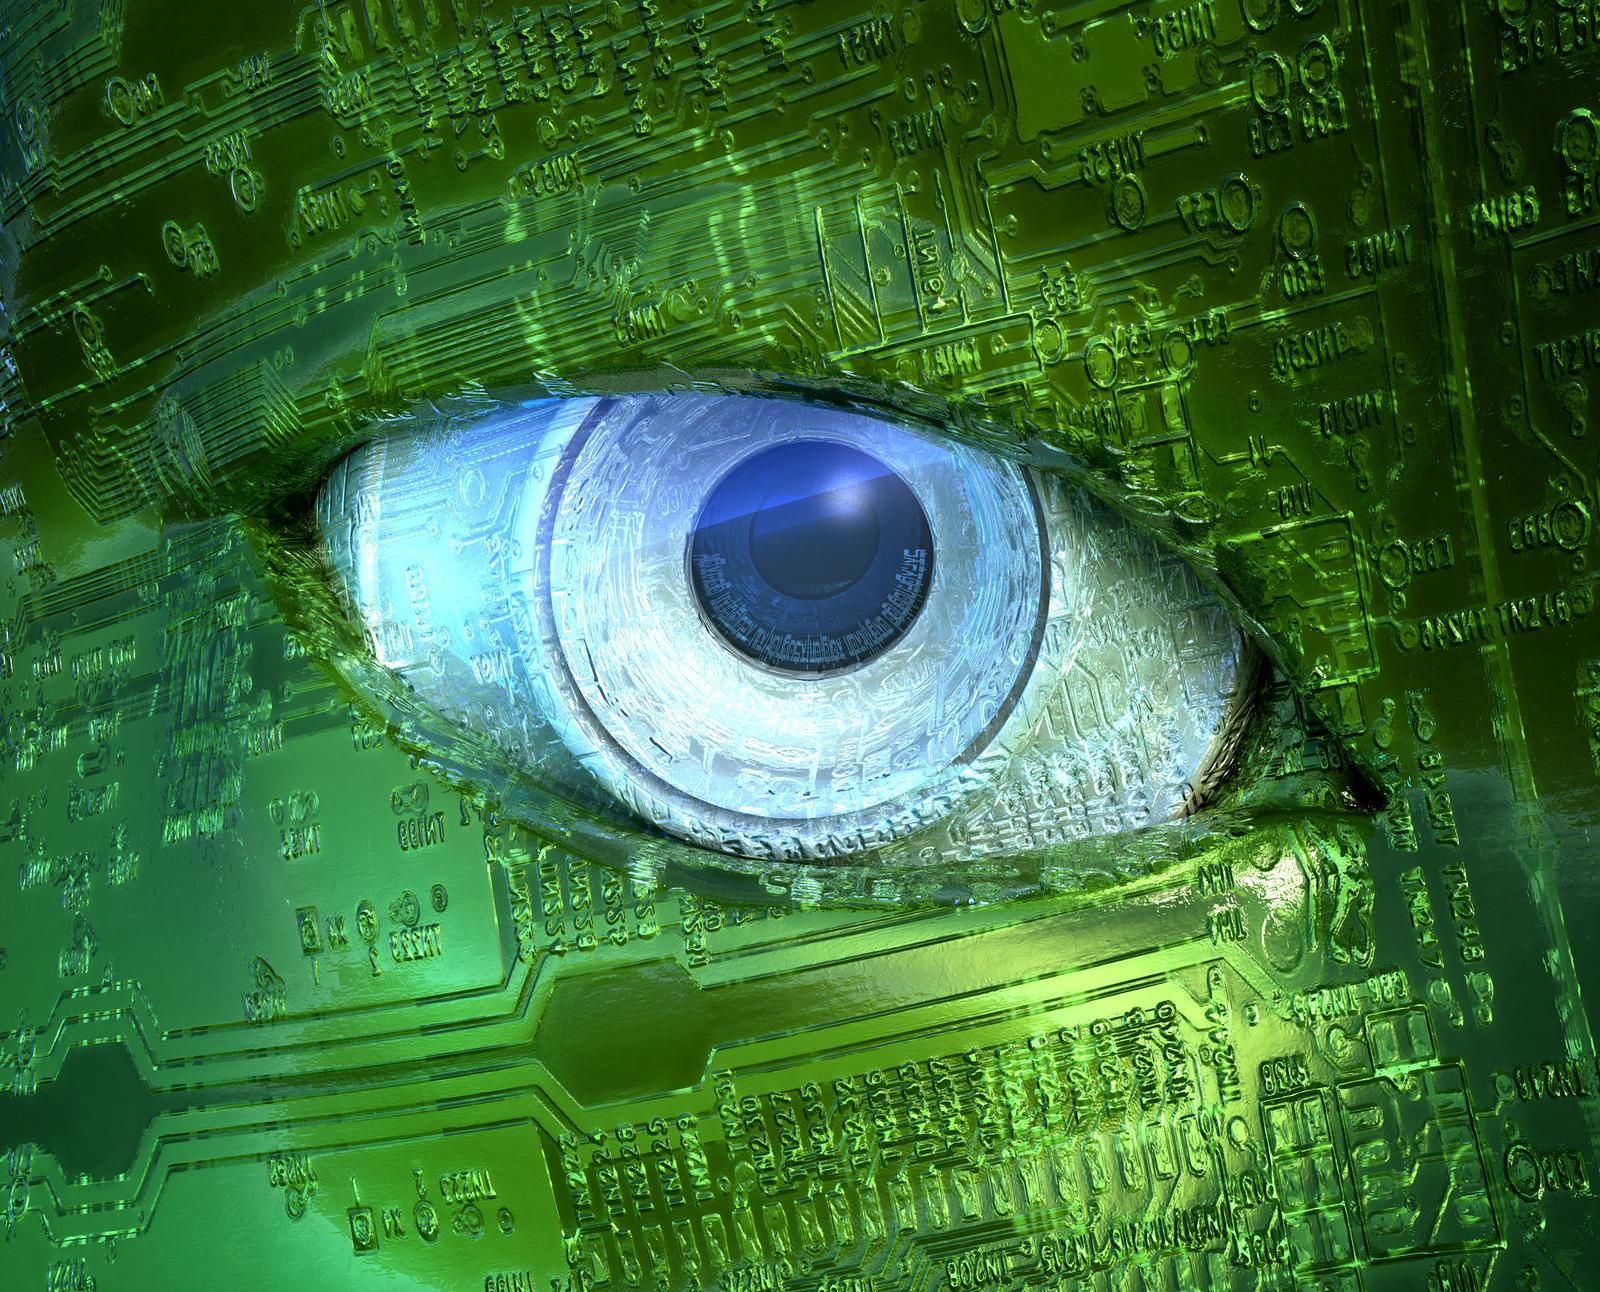 BS_Digital Eye_Tonis Pan_1332026